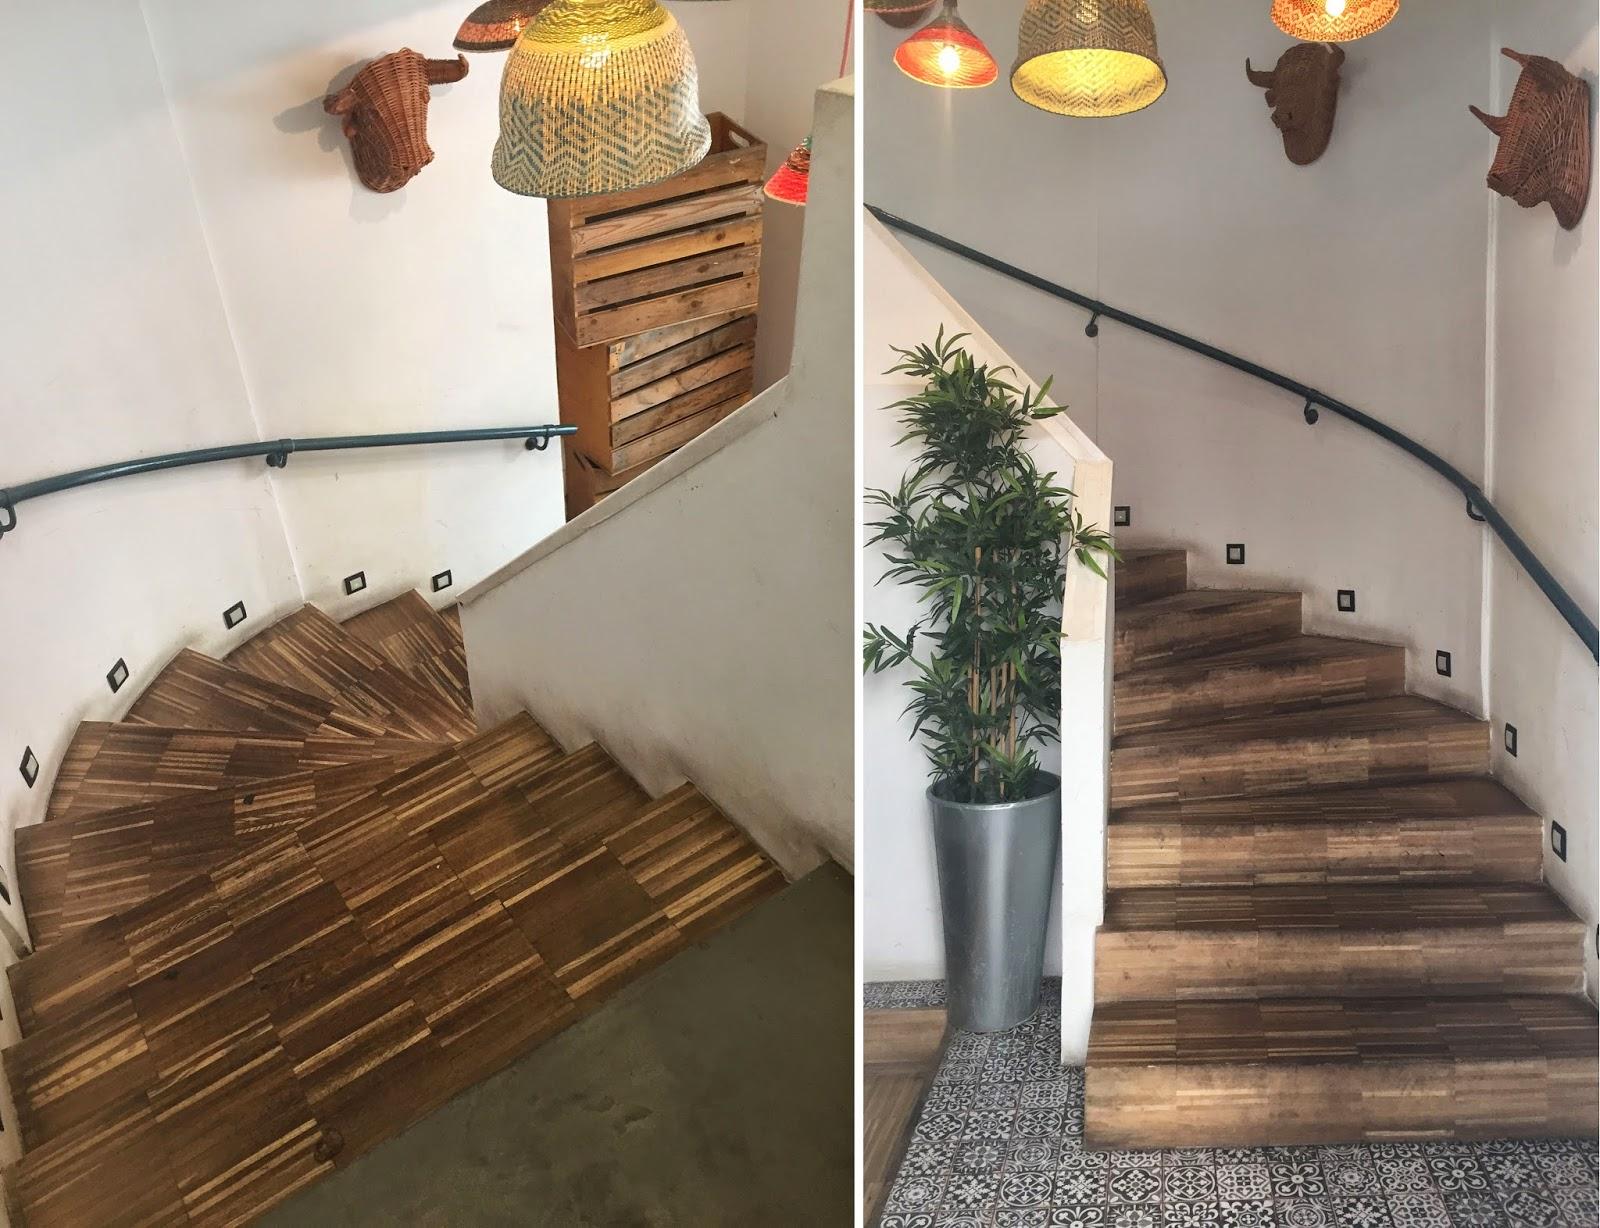 Gastronomia y madera unidas en una experiencia espacios en for Escaleras de parquet